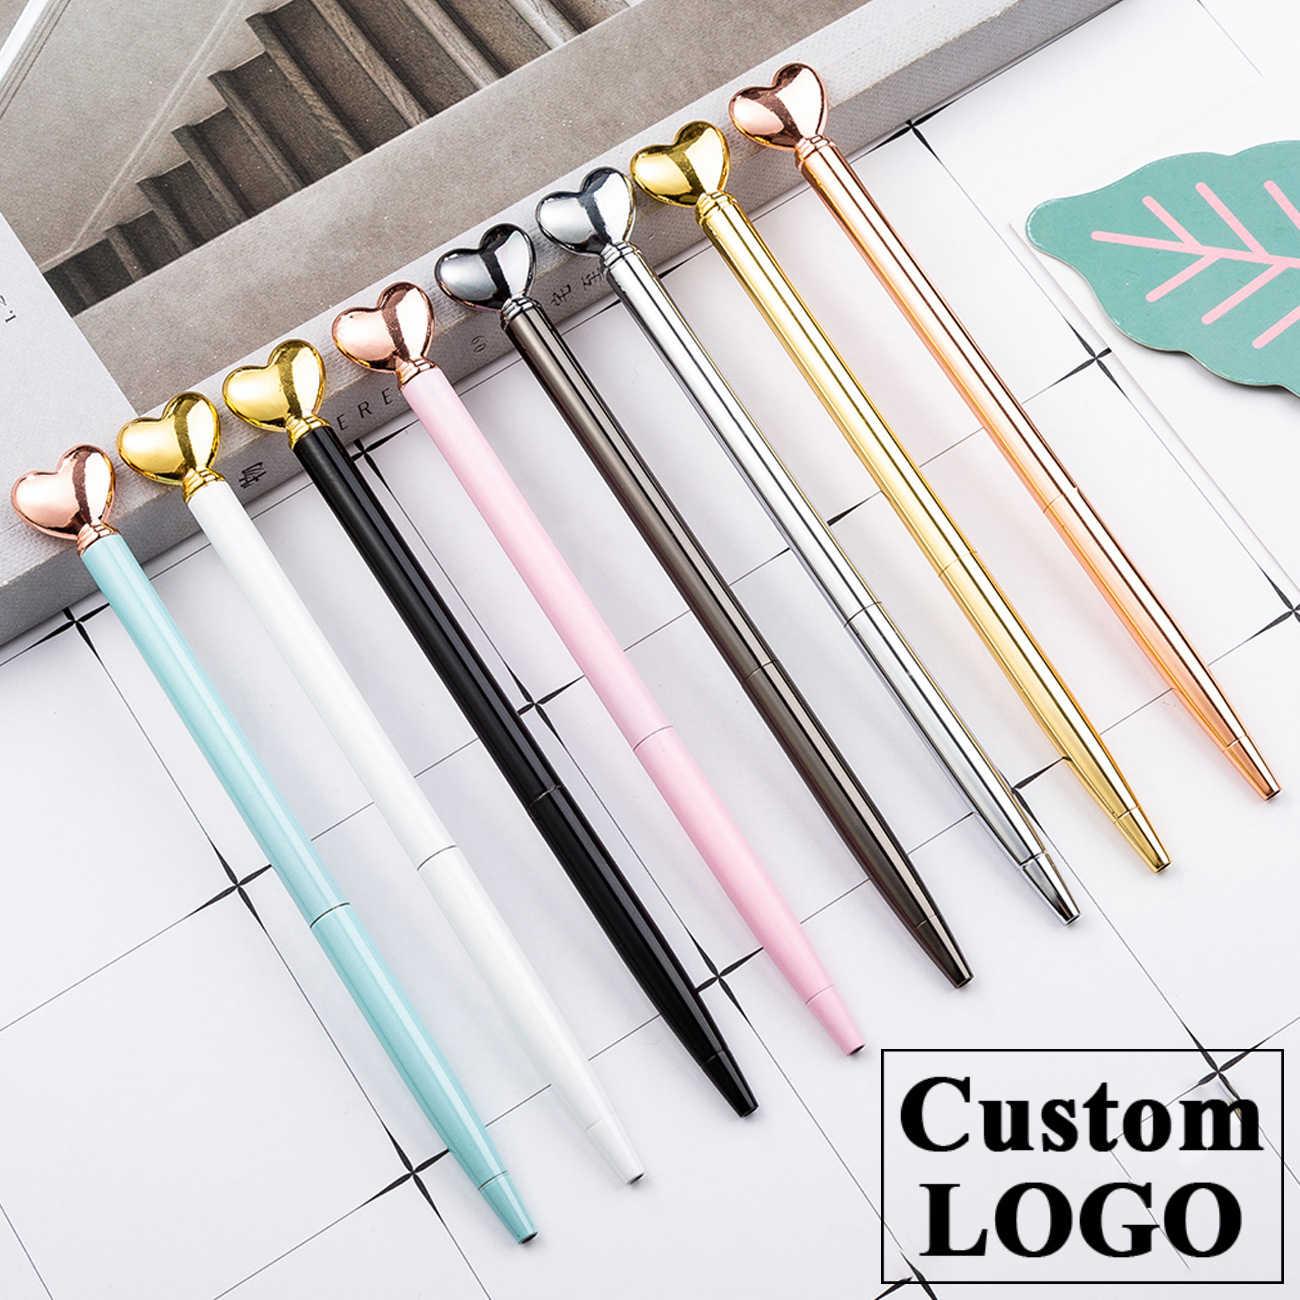 Metalen Pen Liefde Vorm Balpen Gift Reclame Pen Huwelijkscadeau Balpen Nieuwigheid Pennen Kantoor & school Supply Custom LOGO